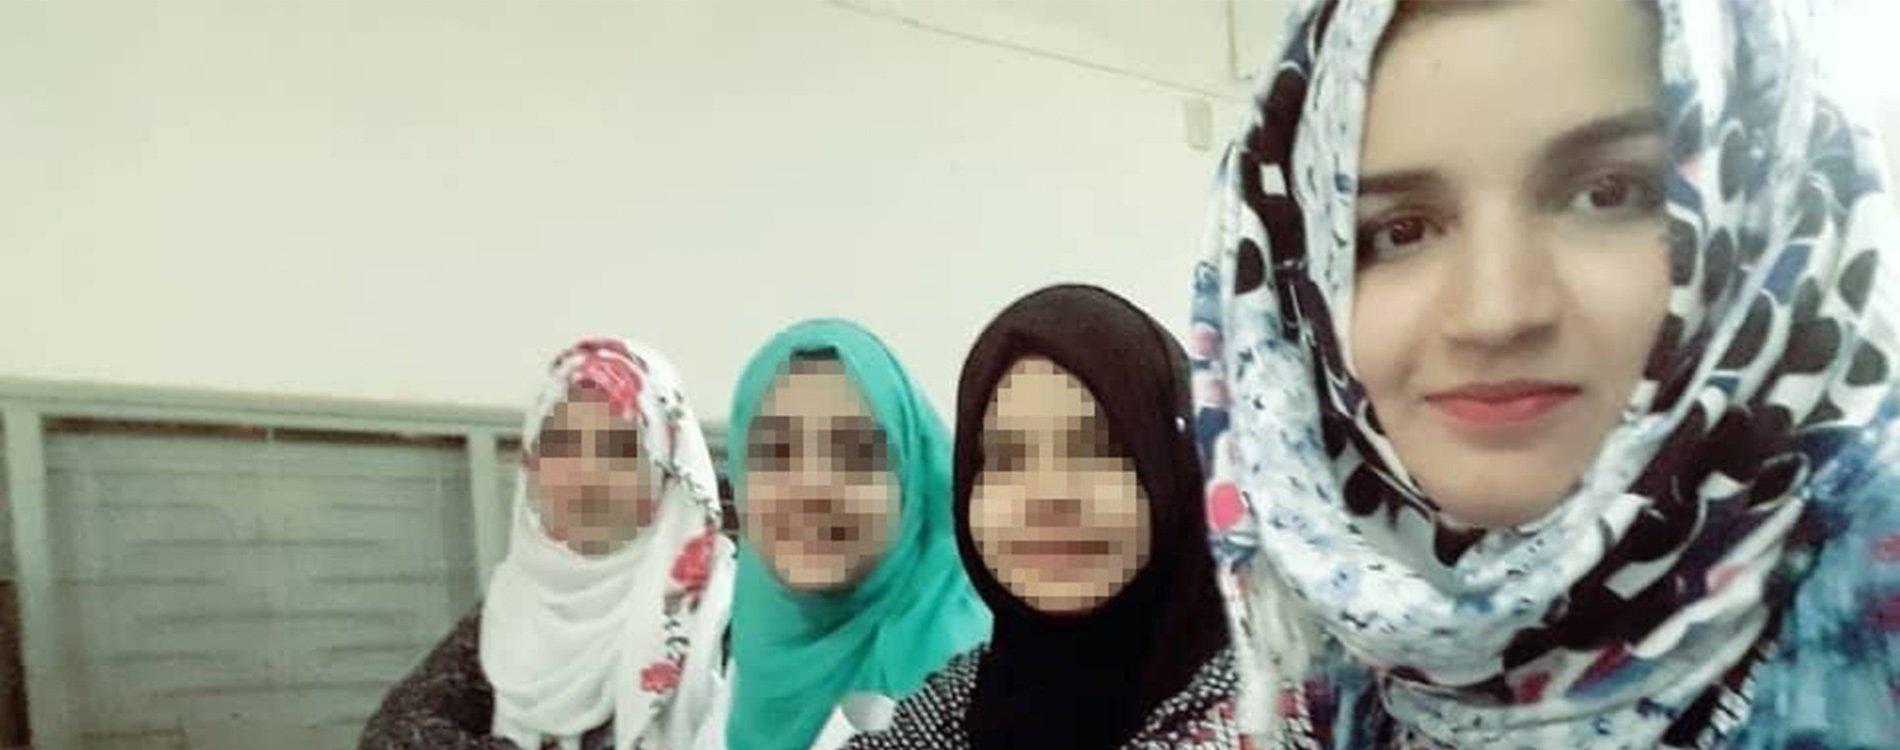 Muslima heiraten deutsche Muslimische Frauen